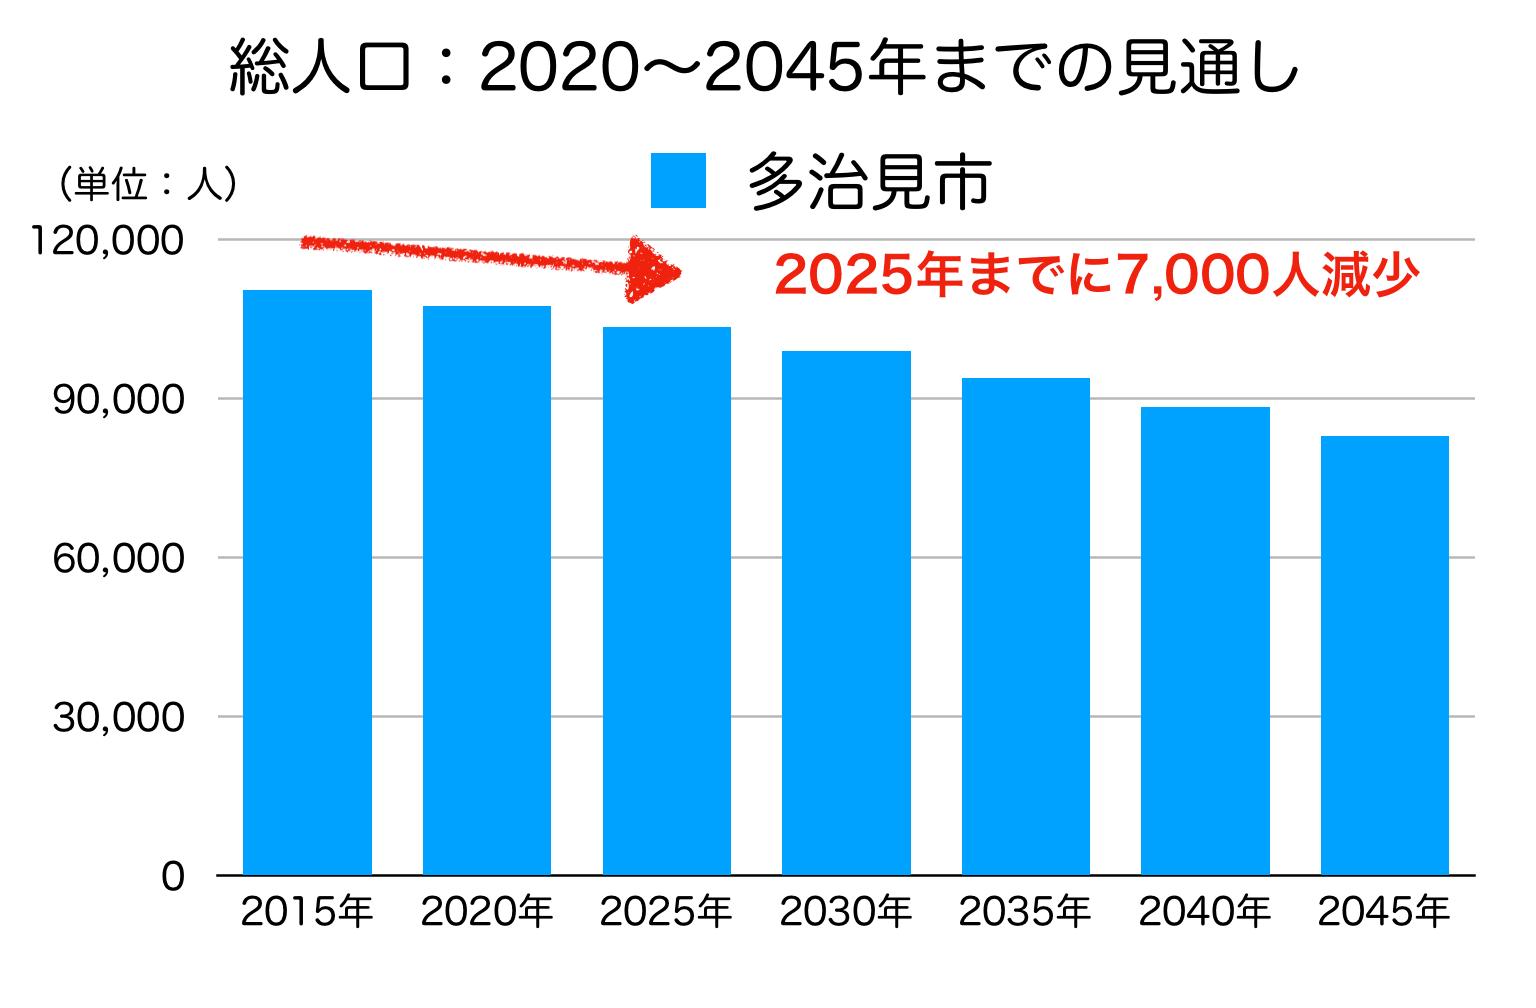 多治見市の人口予測